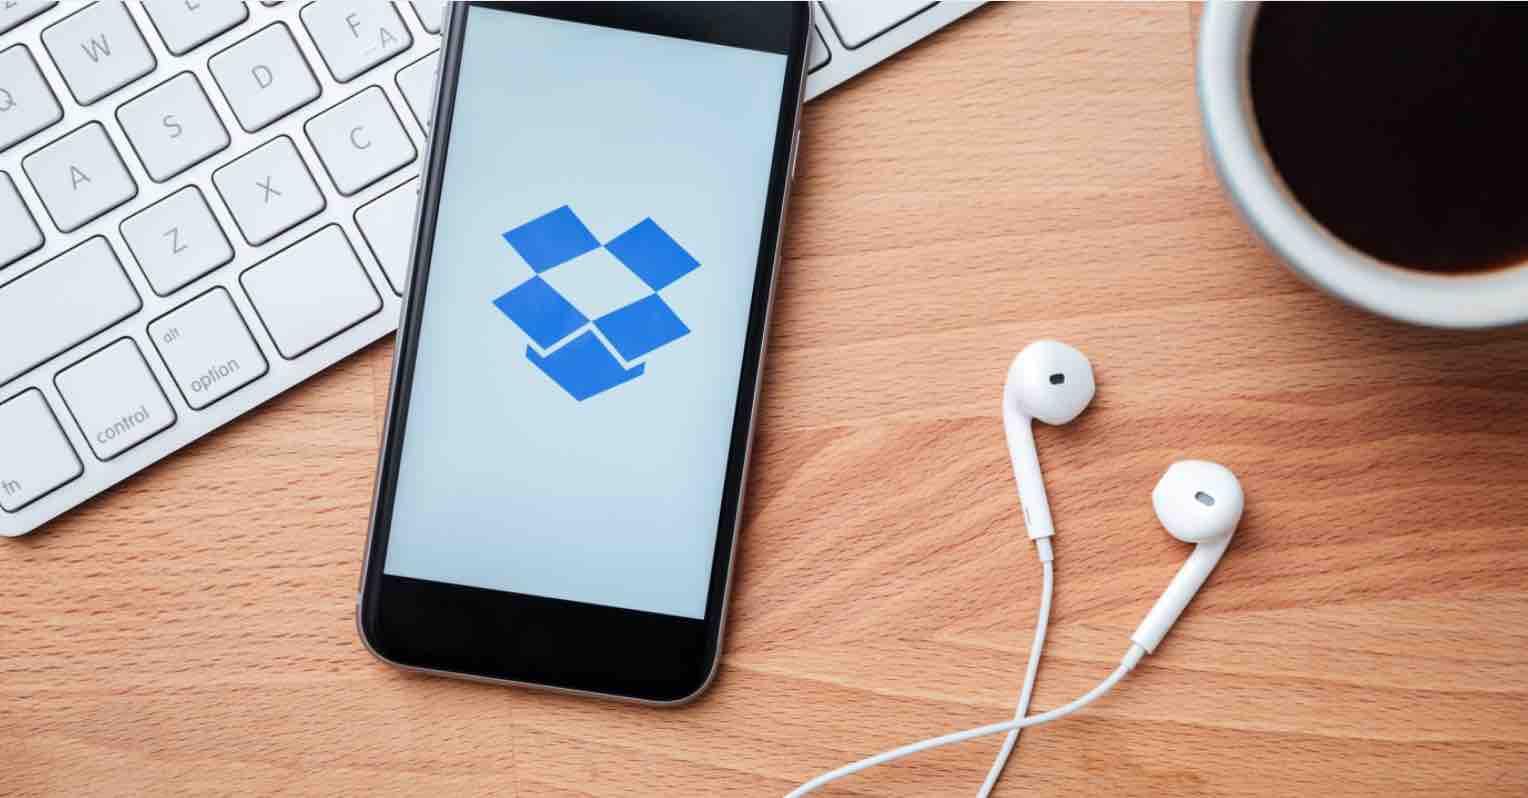 Hướng dẫn cách sử dụng Dropbox từ A tới Z cho người mới